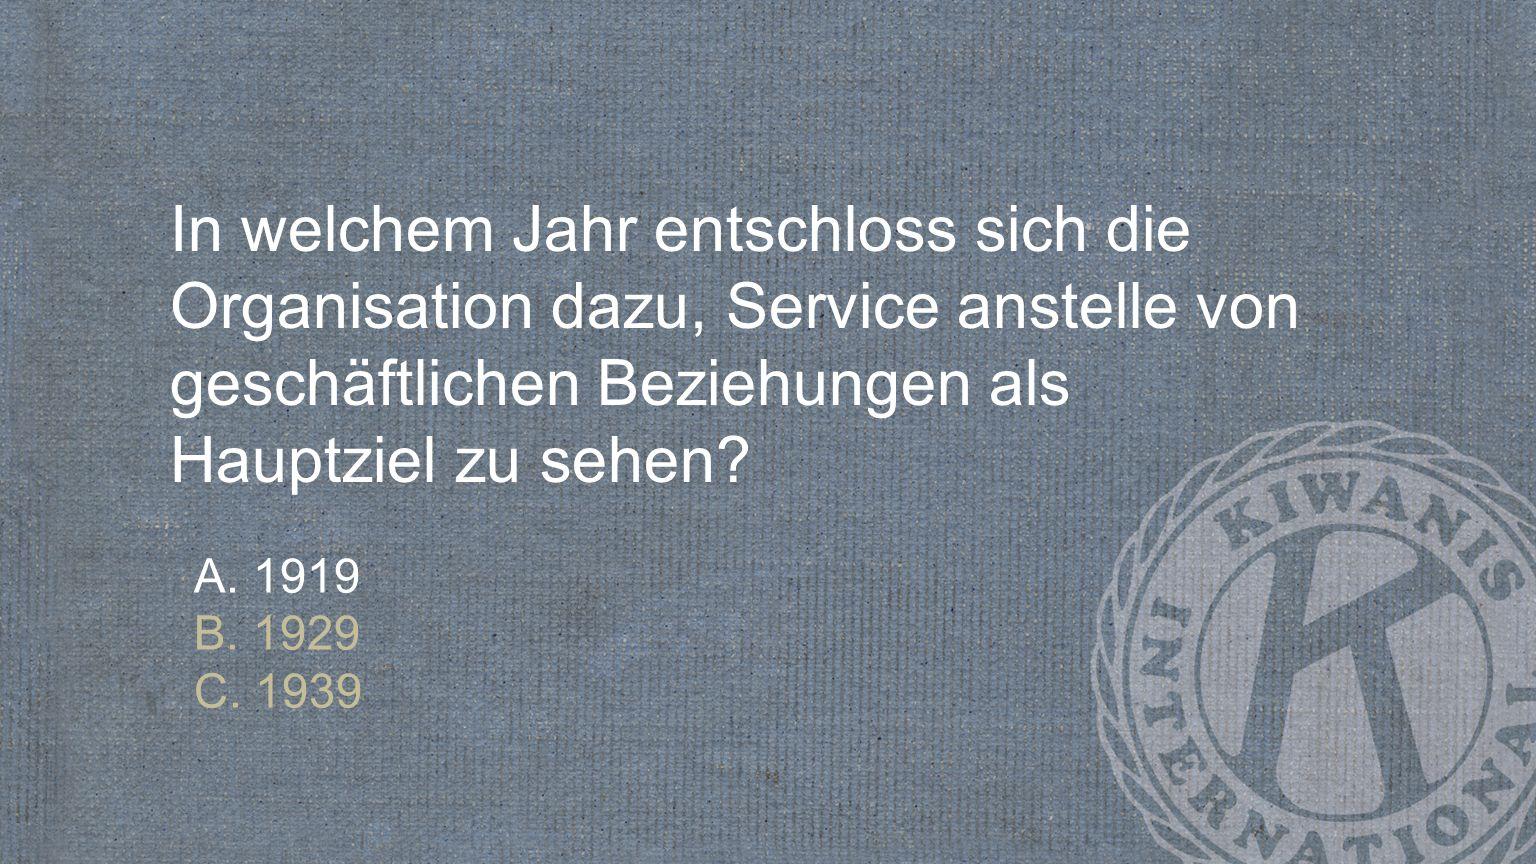 In welchem Jahr entschloss sich die Organisation dazu, Service anstelle von geschäftlichen Beziehungen als Hauptziel zu sehen? A. 1919 B. 1929 C. 1939